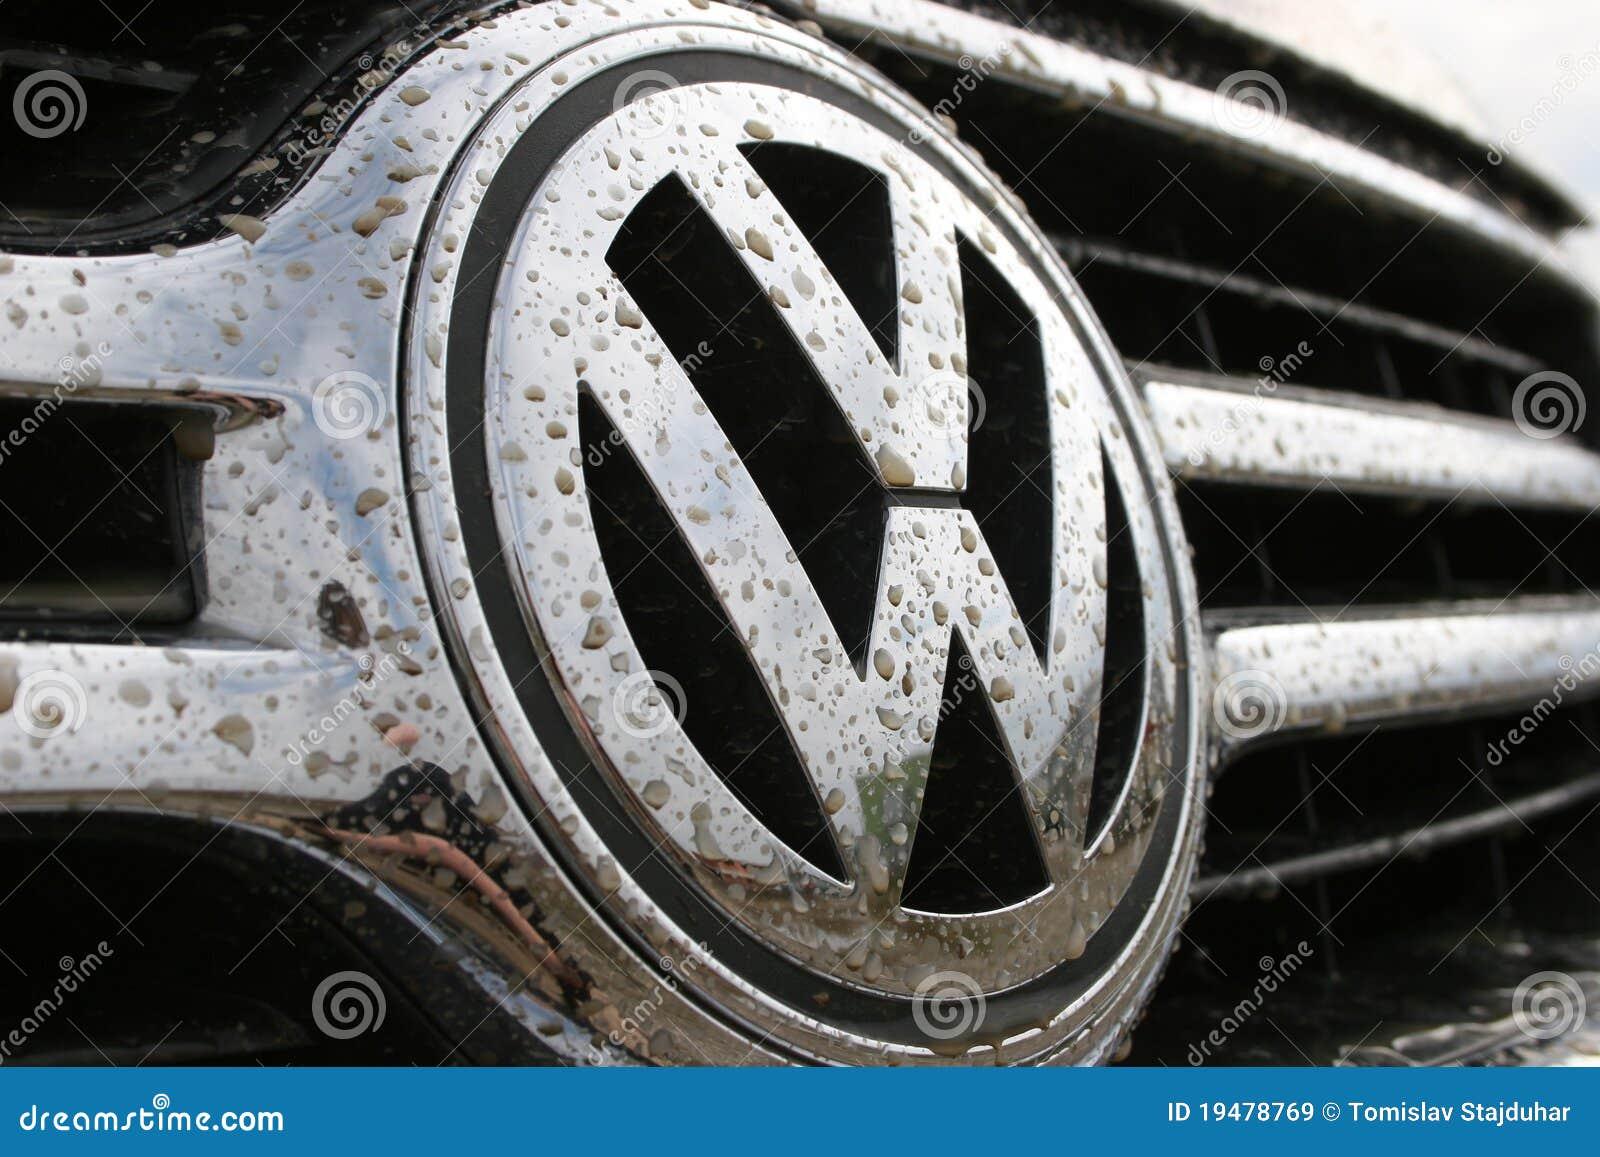 Volkswagen Logo In Dirt Editorial Stock Image Image